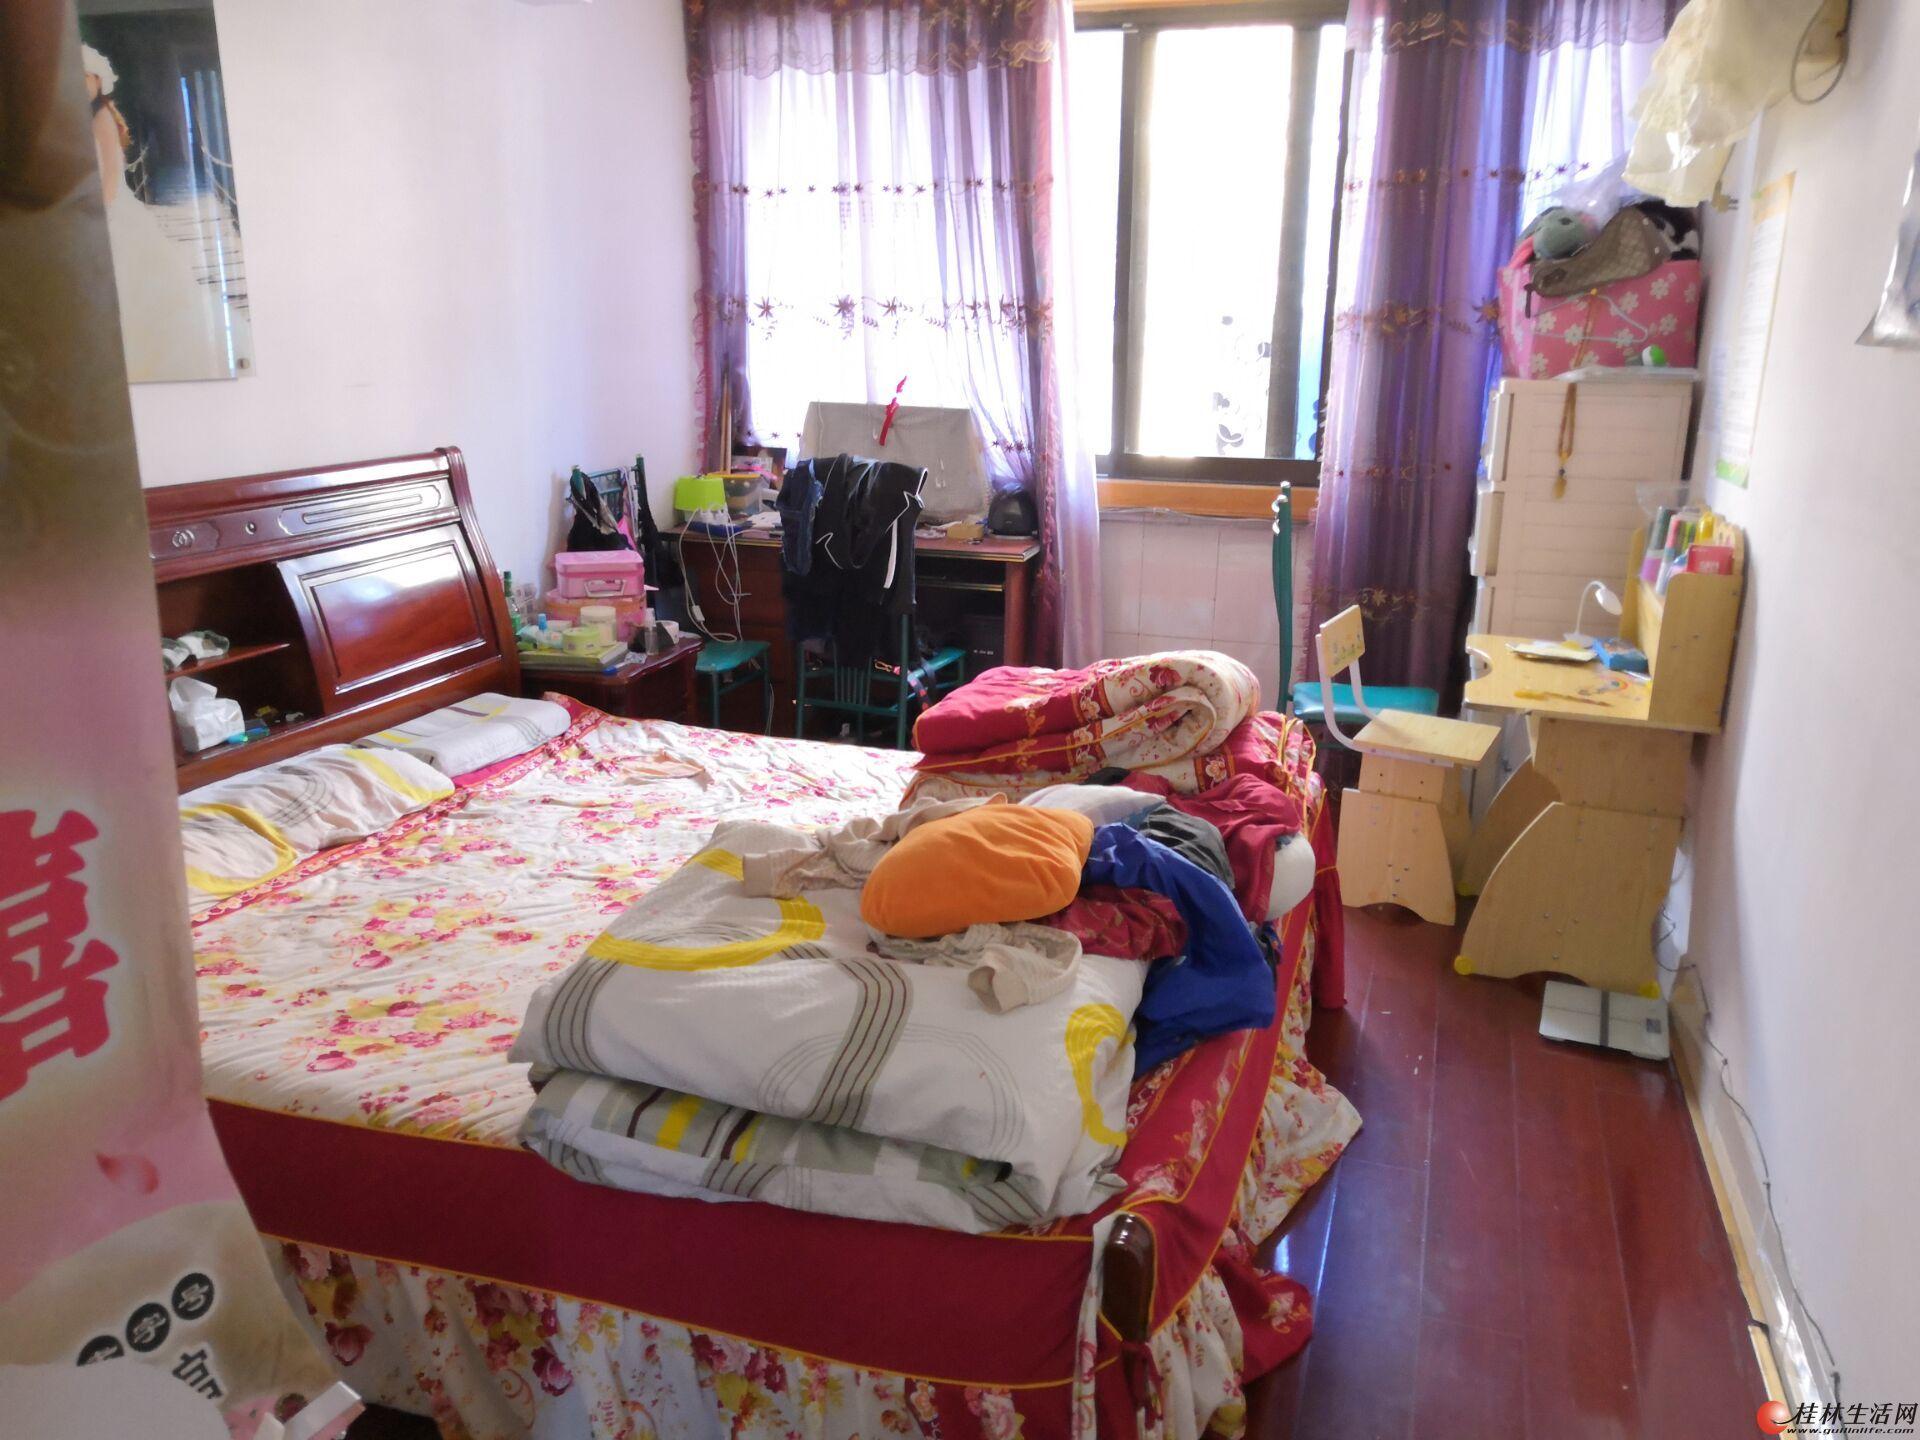 象山区 美食城 南新路精装2房1厅仅售30万!!!